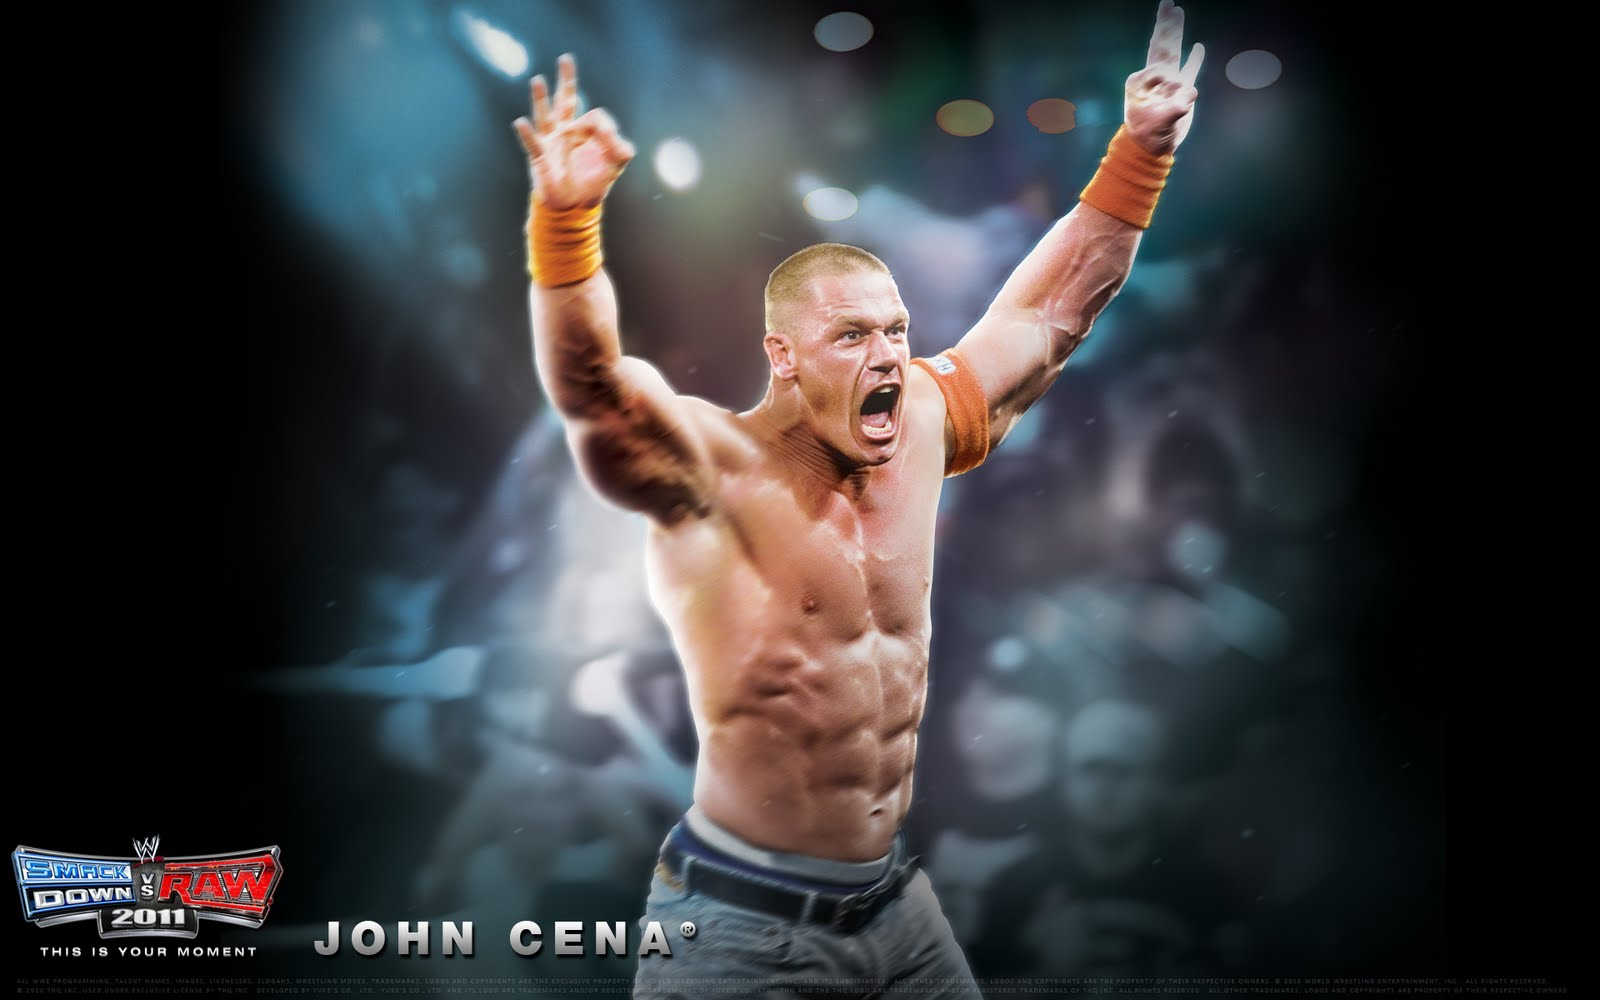 قصة حياة المصارع جون سينا Wwe-smackdown-vs-raw-2011-john-cena-wallpaper